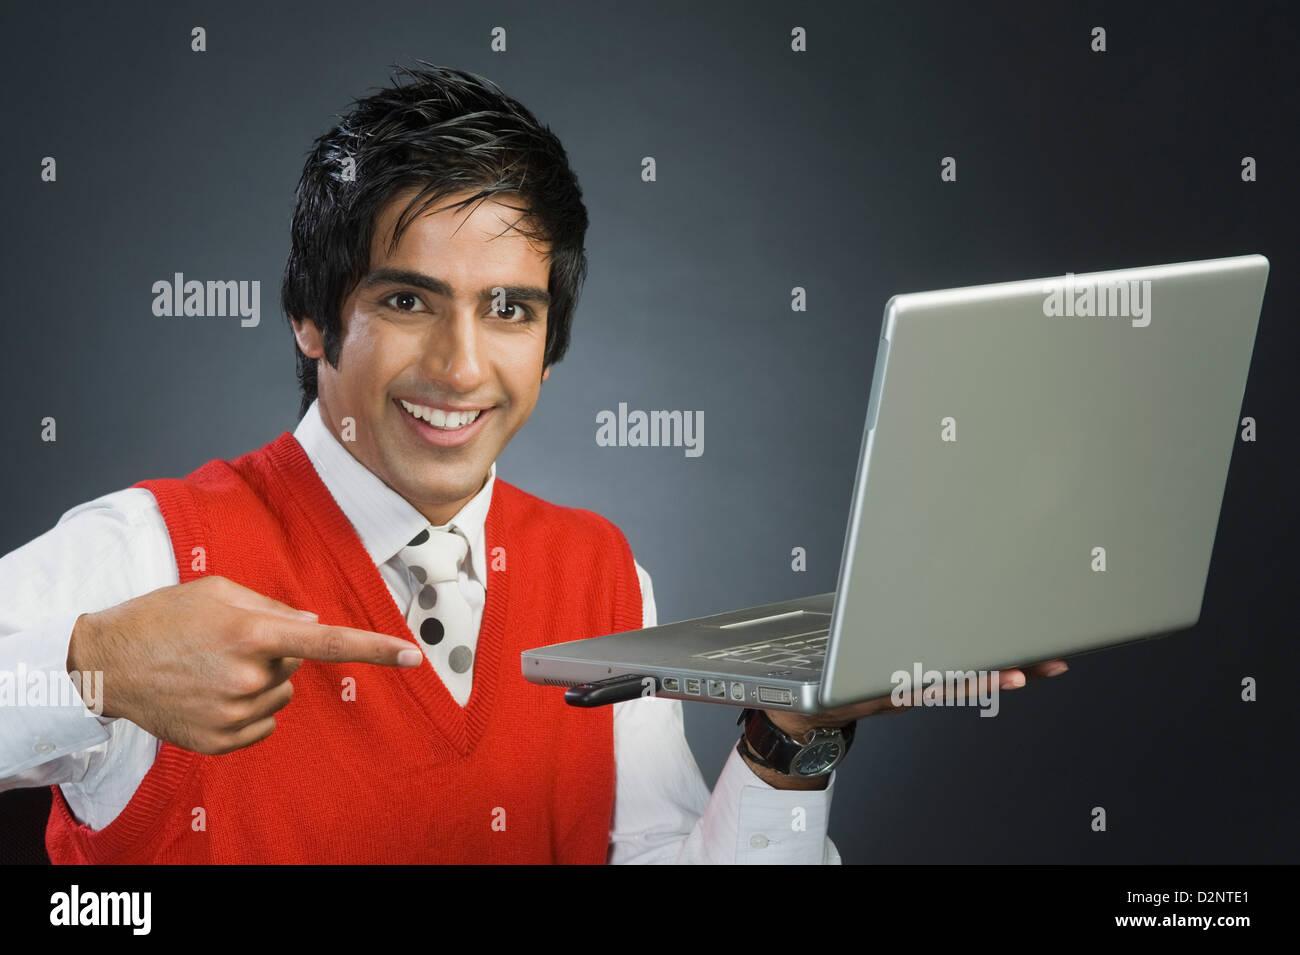 Imprenditore puntando verso un dispositivo USB collegato a un computer portatile Immagini Stock